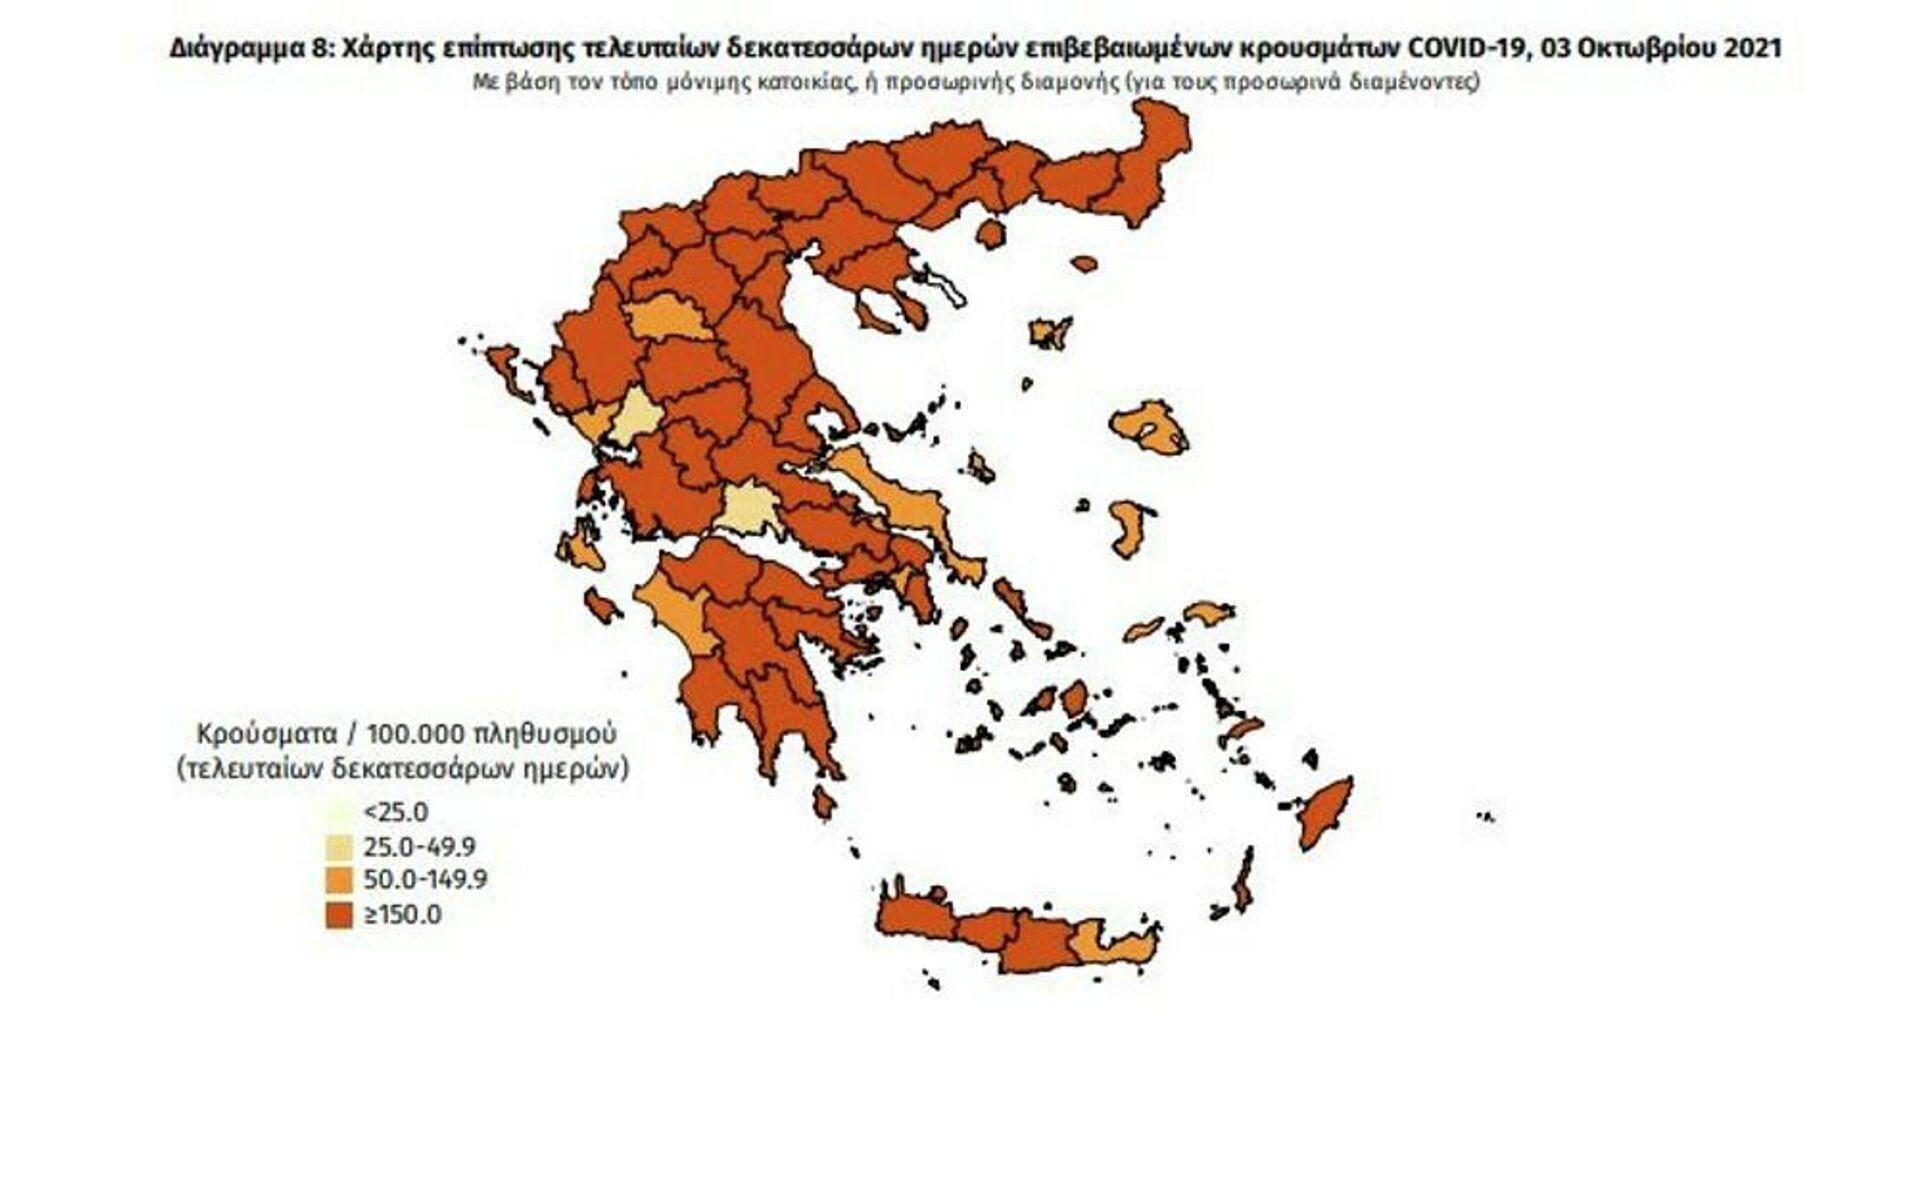 Ο χάρτης επίπτωσης για τις τελευταίες 14 ημέρες των επιβεβαιωμένων κρουσμάτων κορονοϊού - Sputnik Ελλάδα, 1920, 03.10.2021